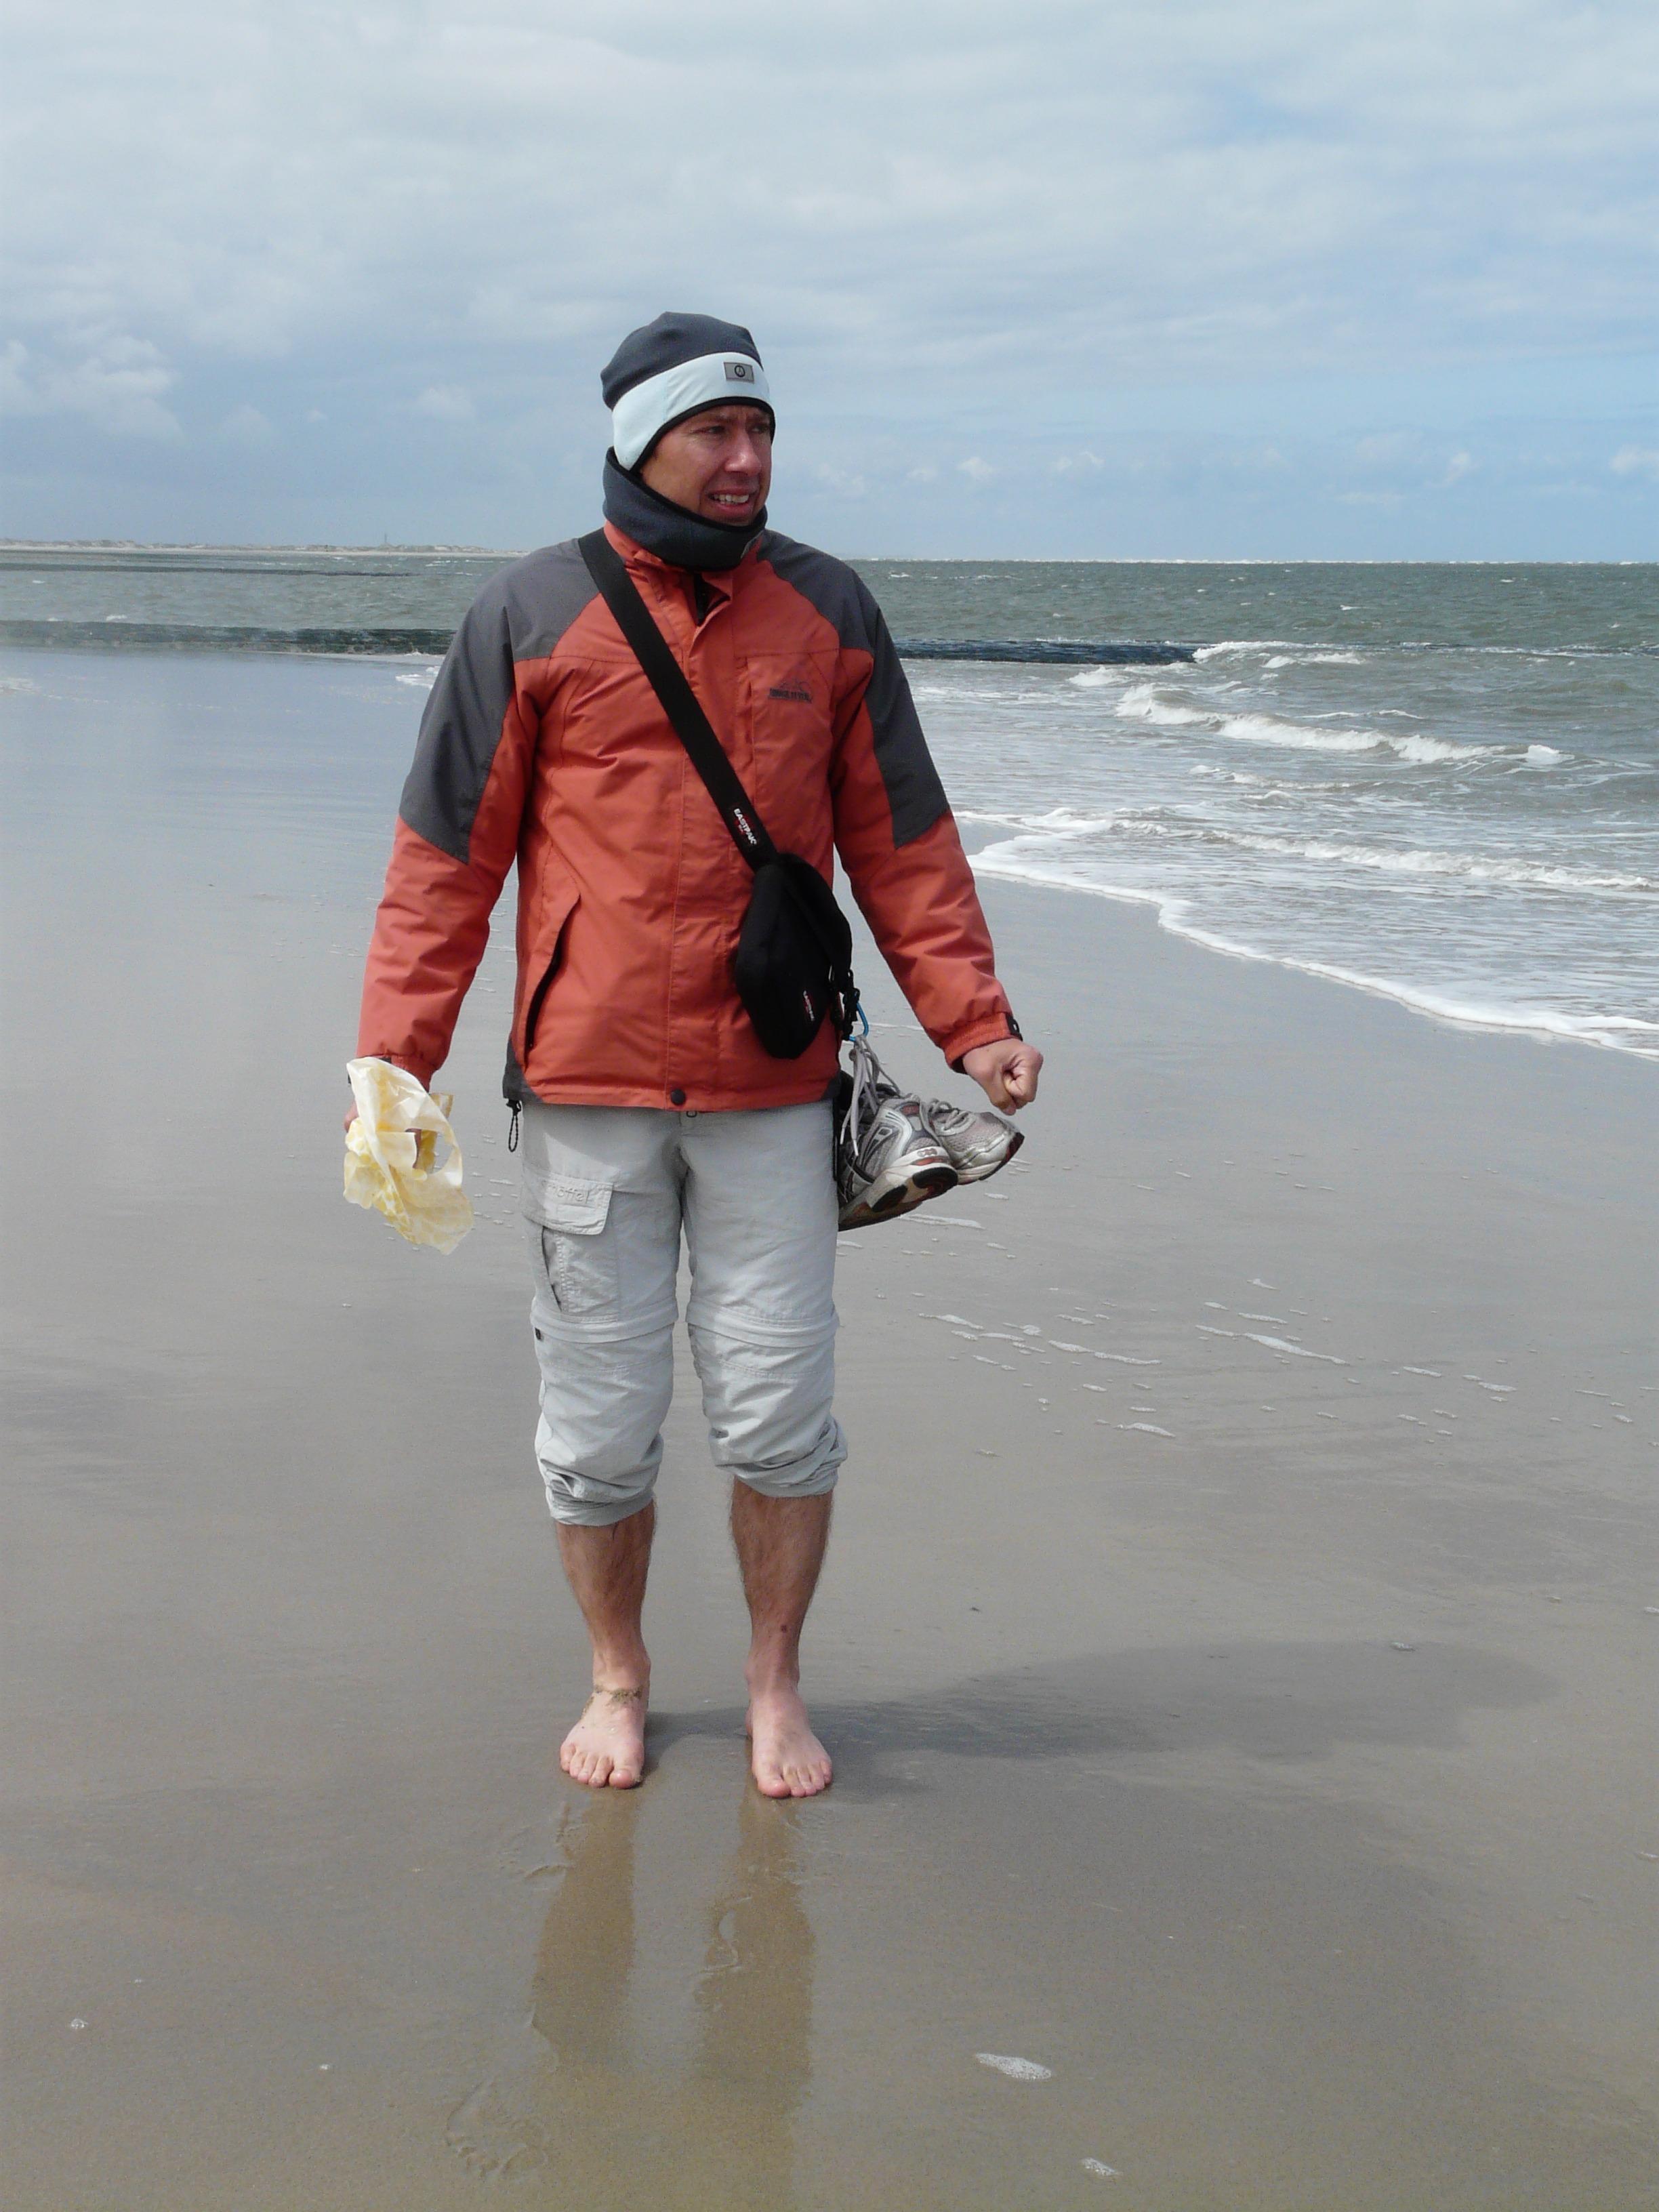 images gratuites homme c te eau le sable oc an la personne du froid rive vague. Black Bedroom Furniture Sets. Home Design Ideas